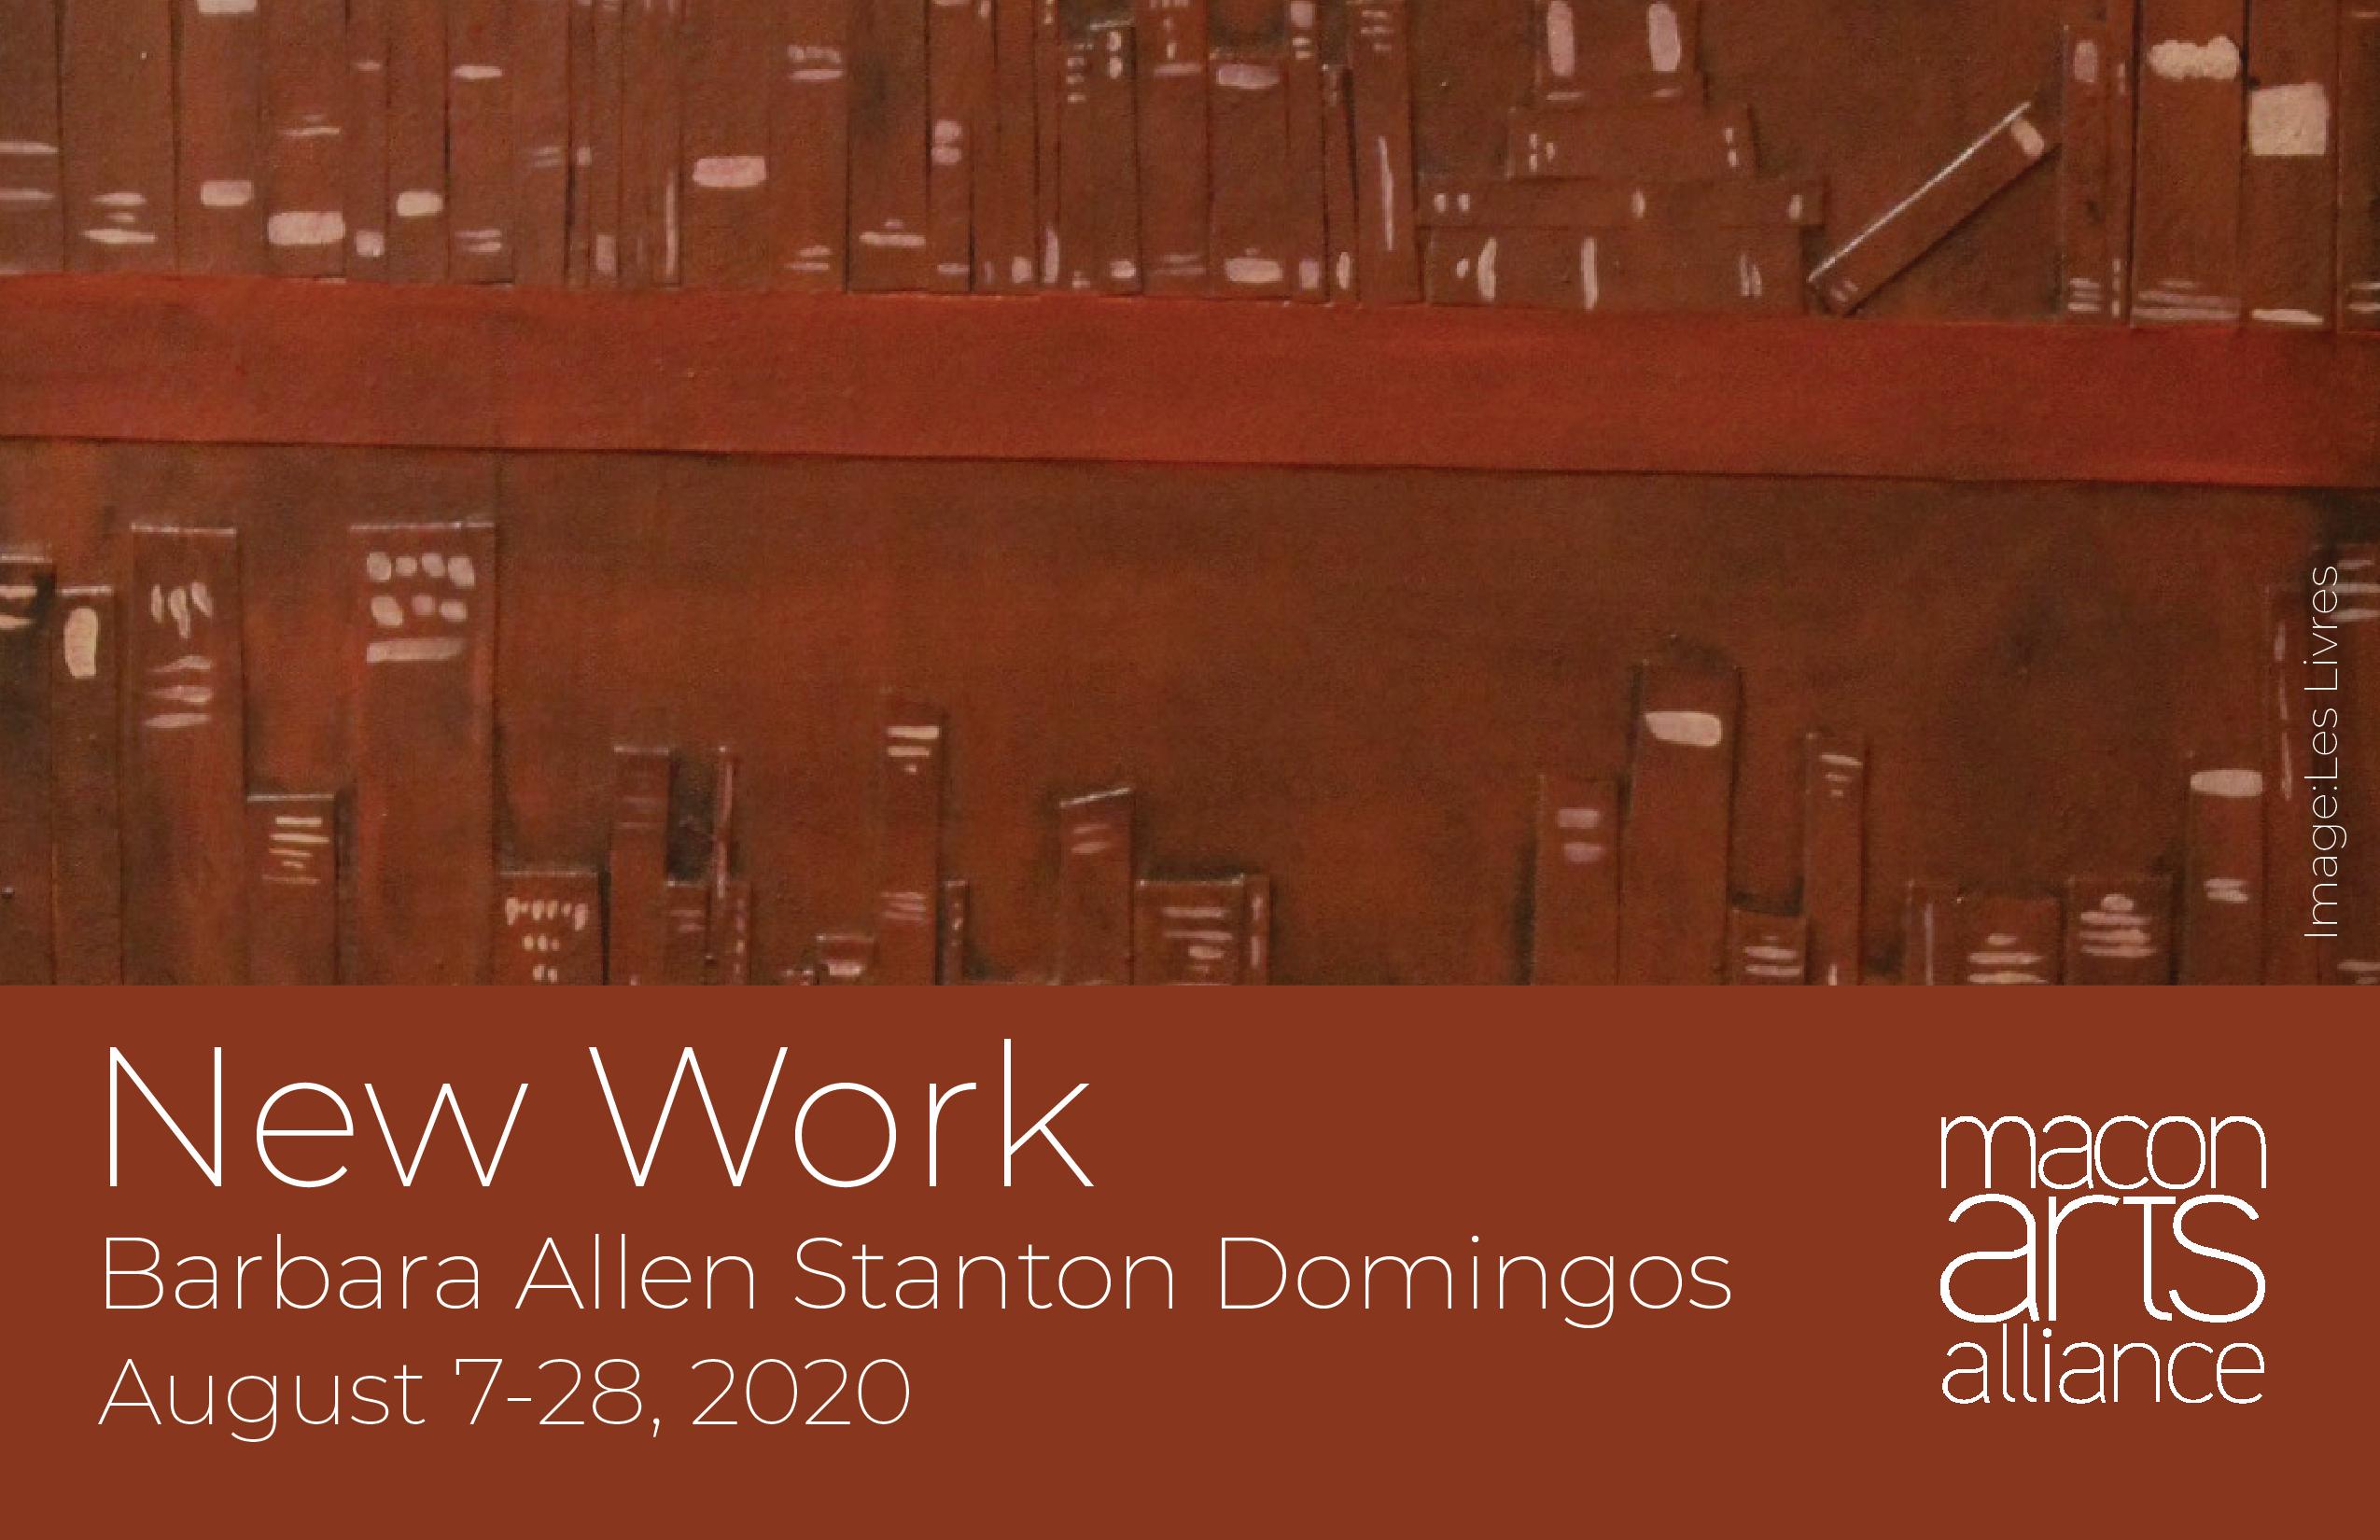 New Work by Barbara Allen Stanton Domingos